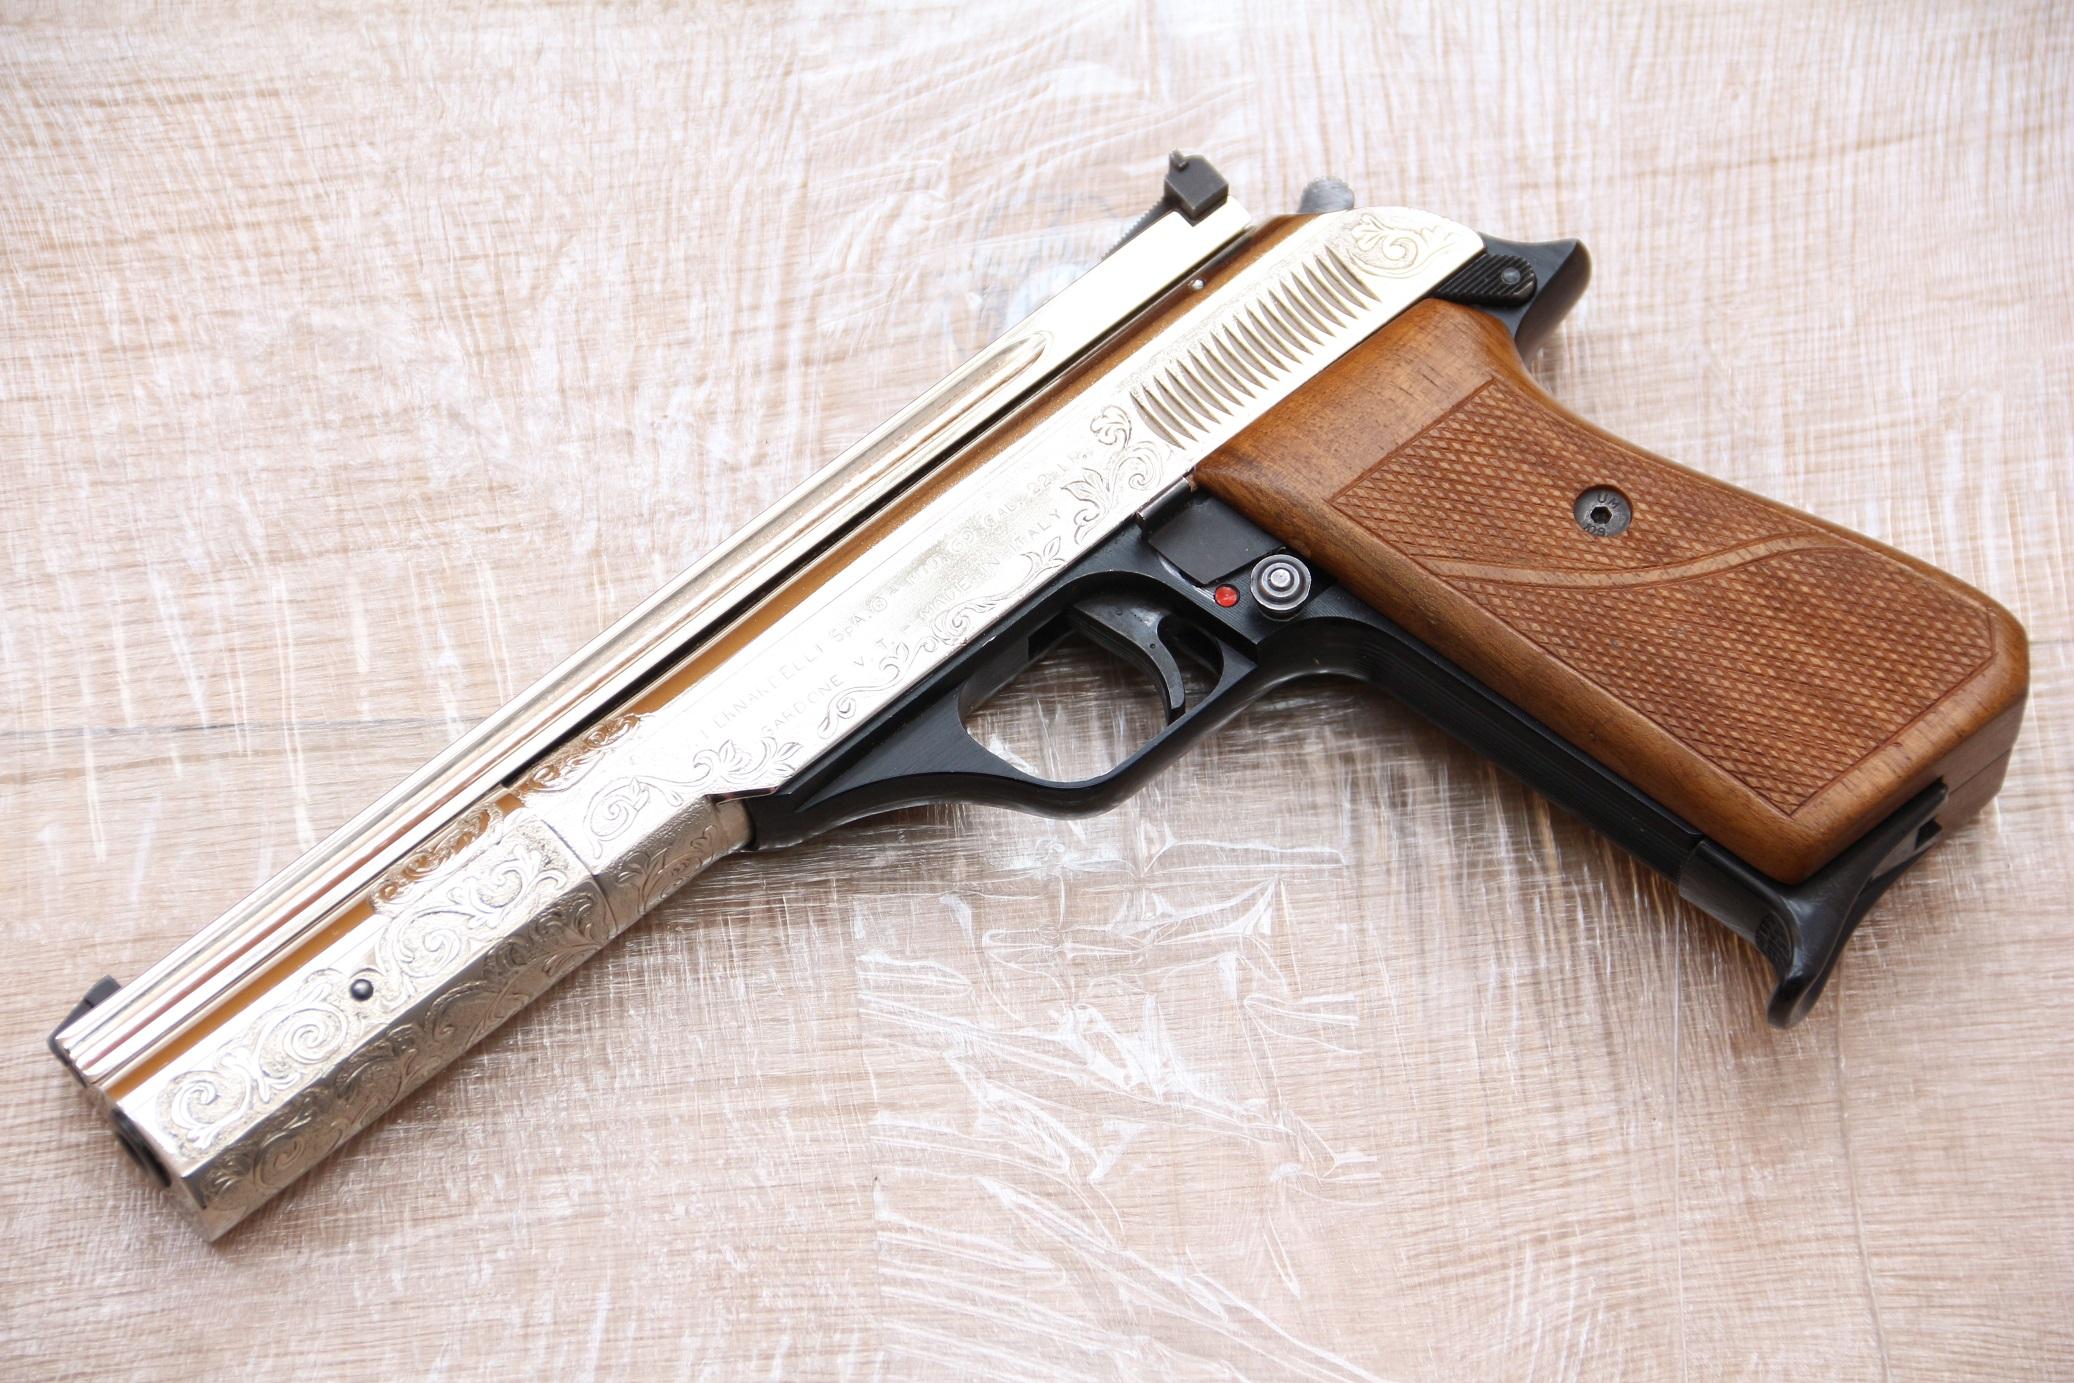 Фото Спортивный пистолет Bernardelli mod 69 cal. 22 lr #32928